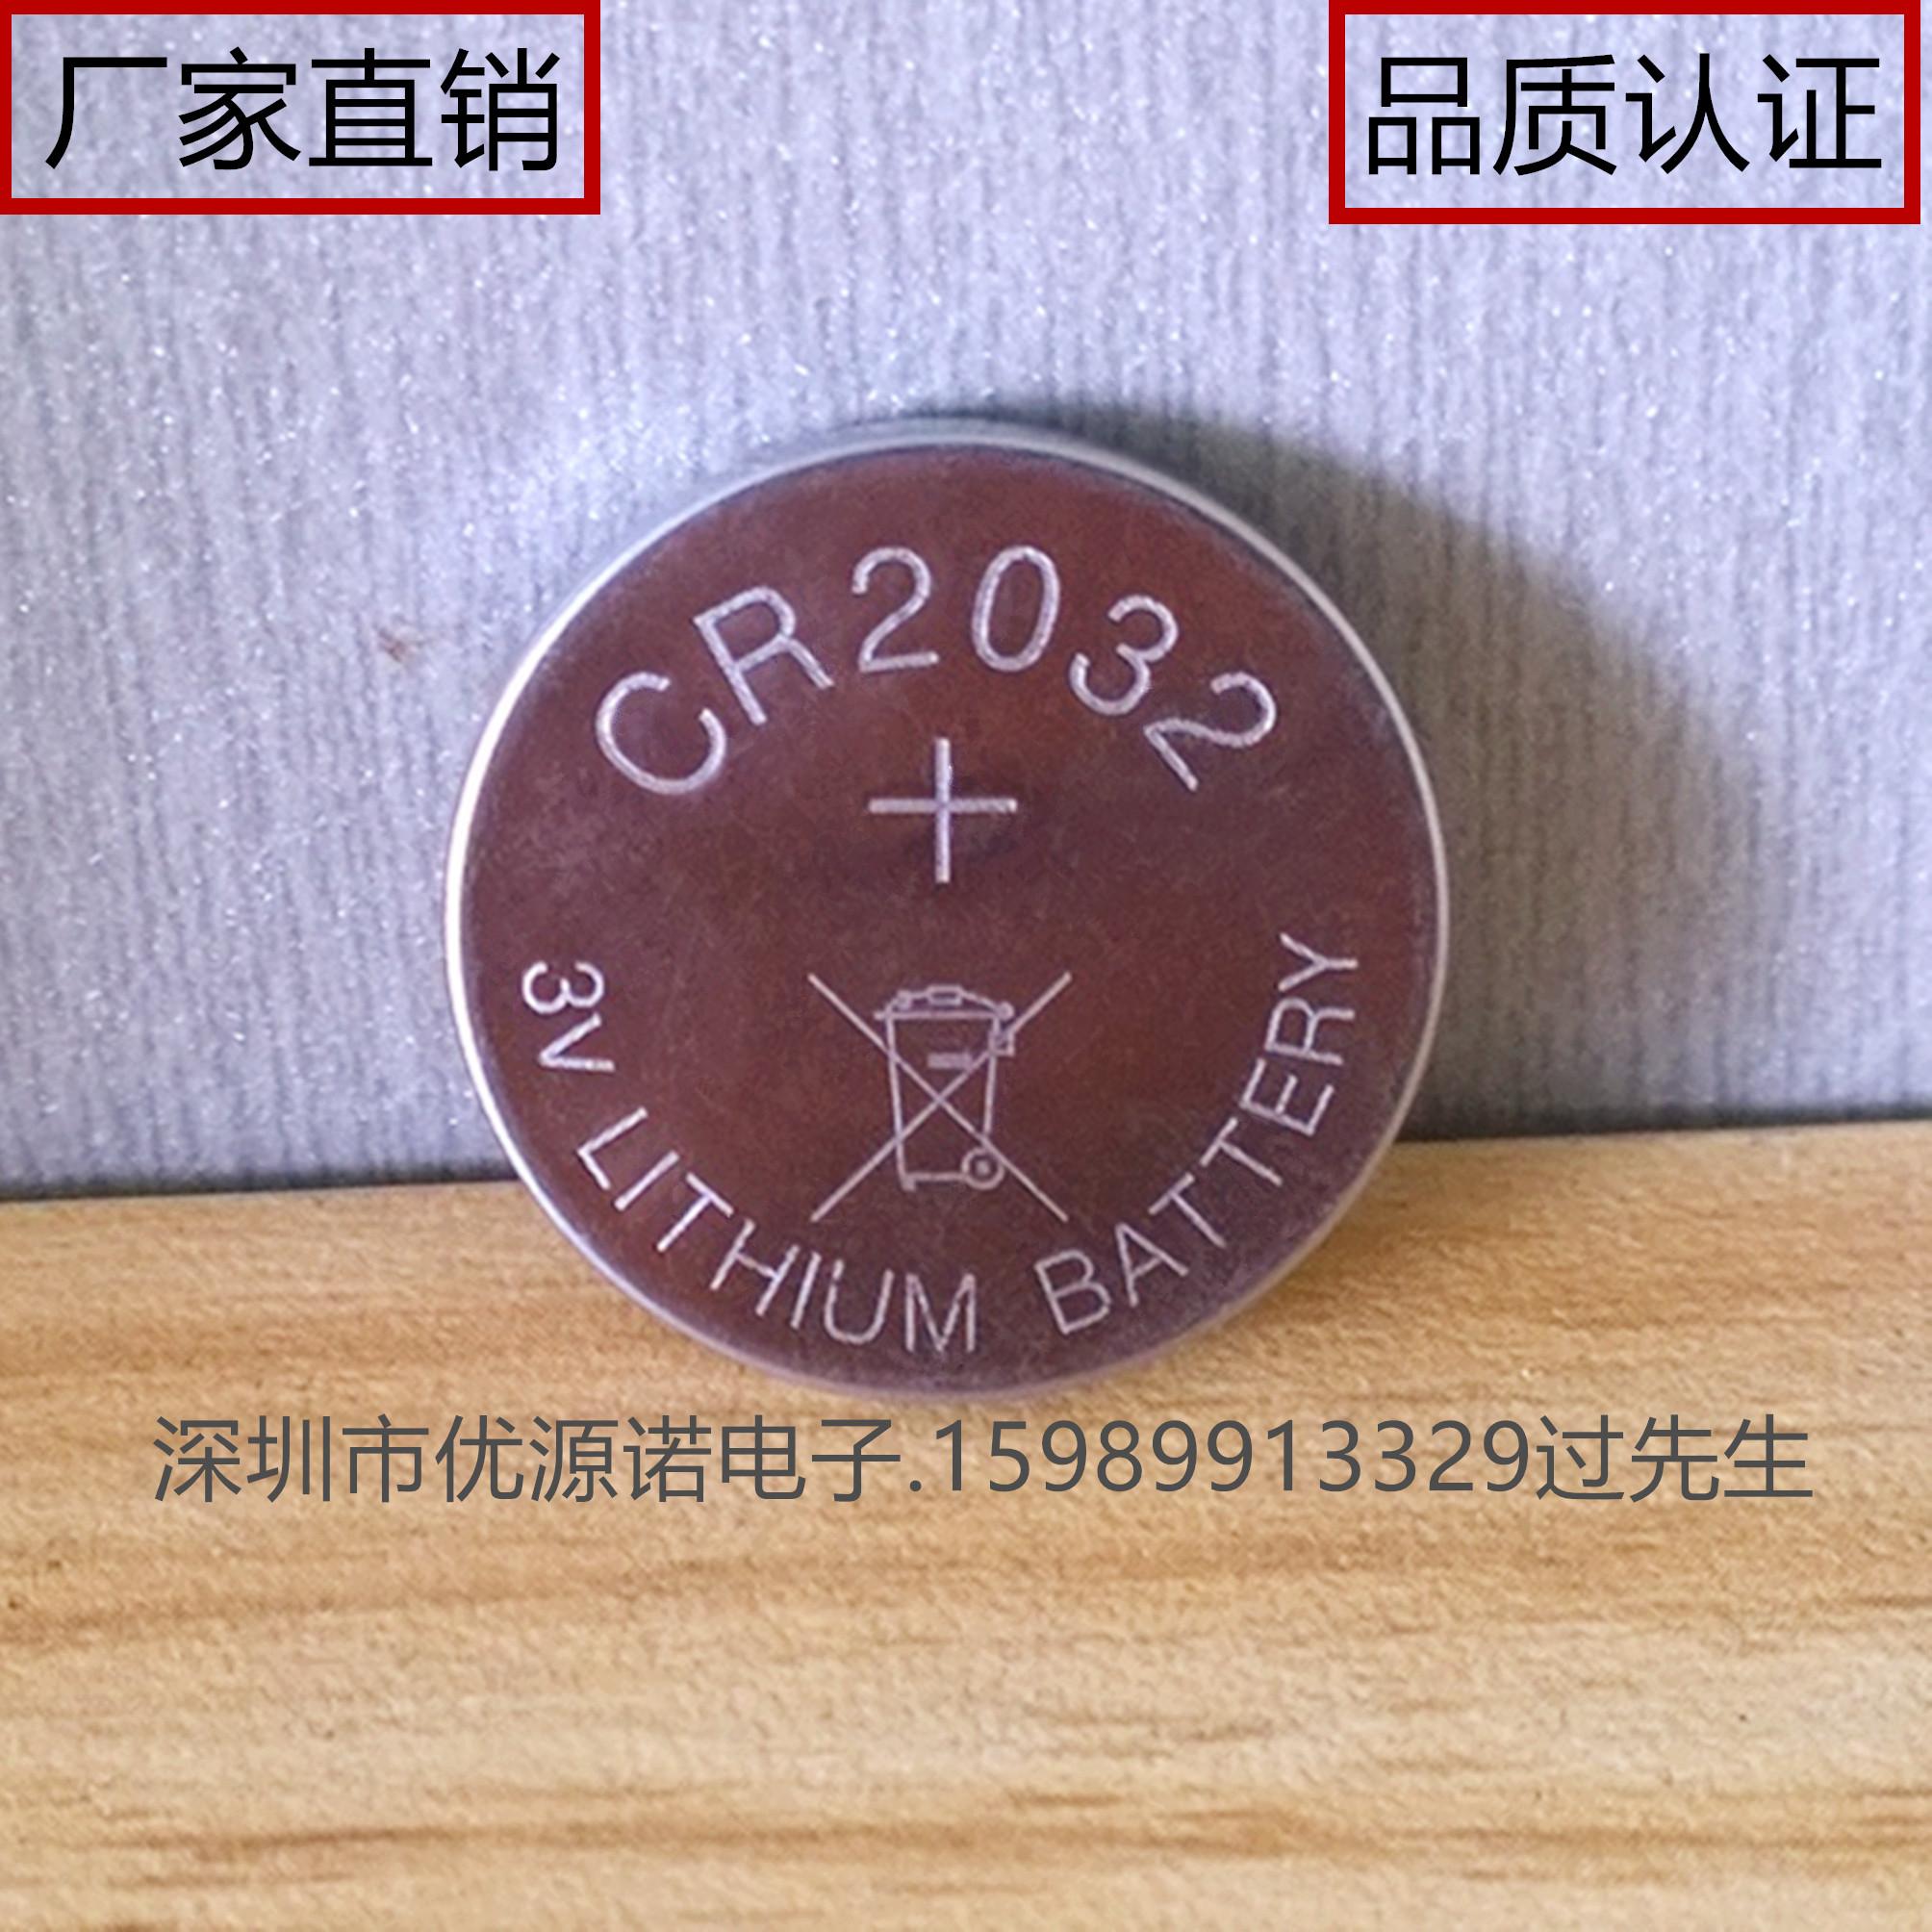 供应cr2032纽扣电池3v锂电池led发光产品图片